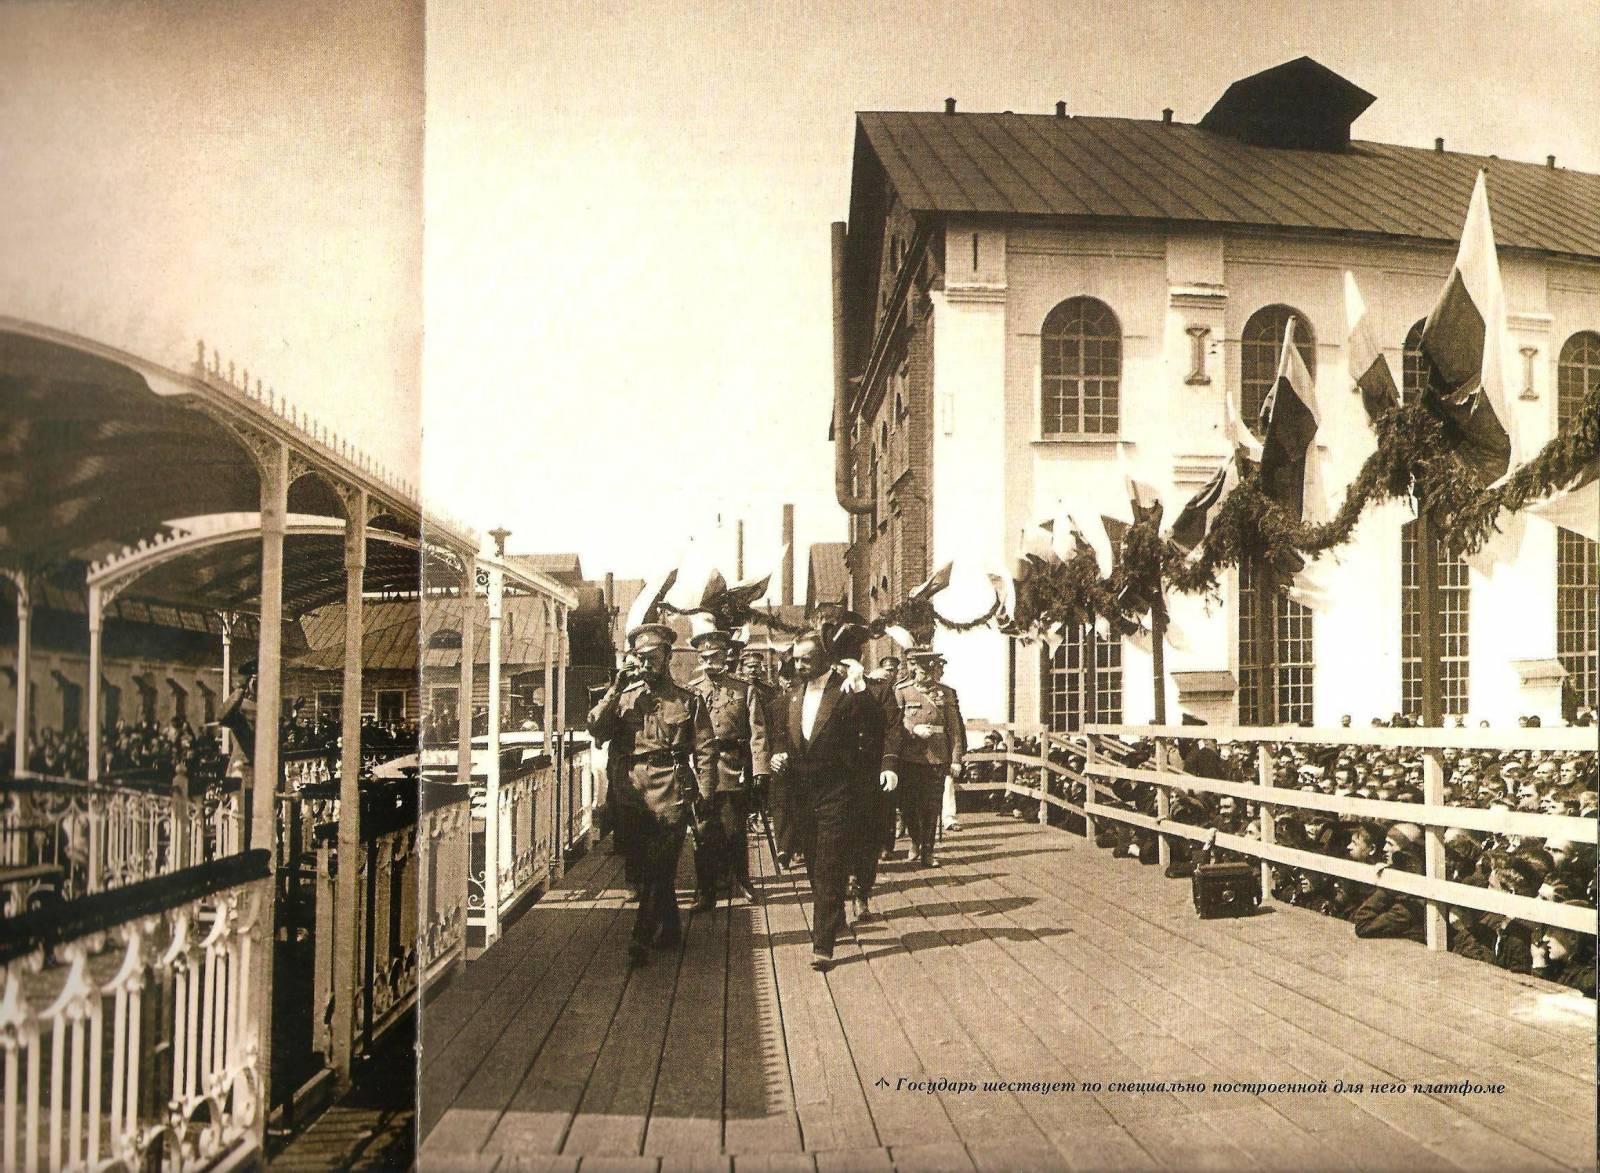 Николай II шествует по специально построенной для него платформе. 20 апреля 1915